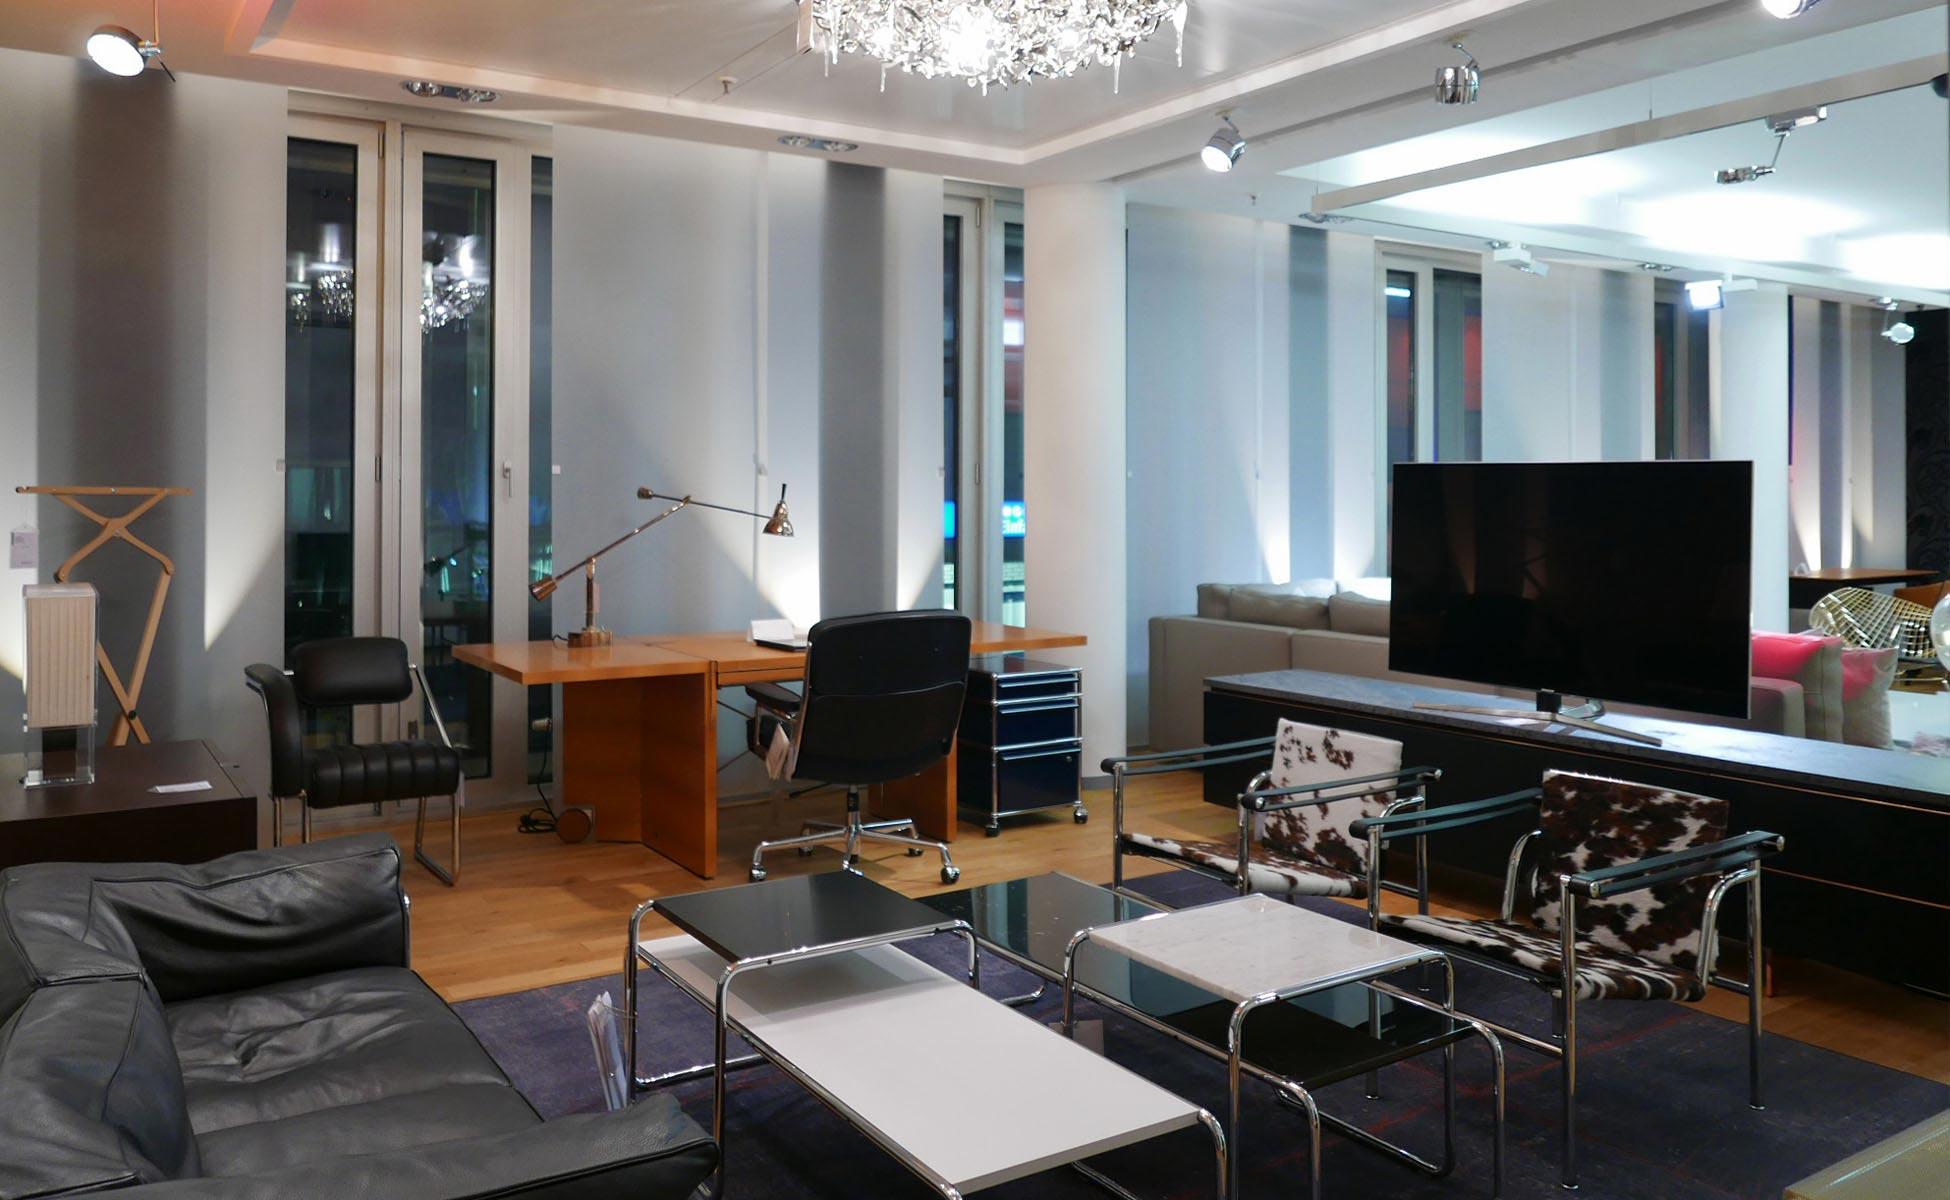 cassina + interlübke + knoll international im steidten+ showroom in berlin